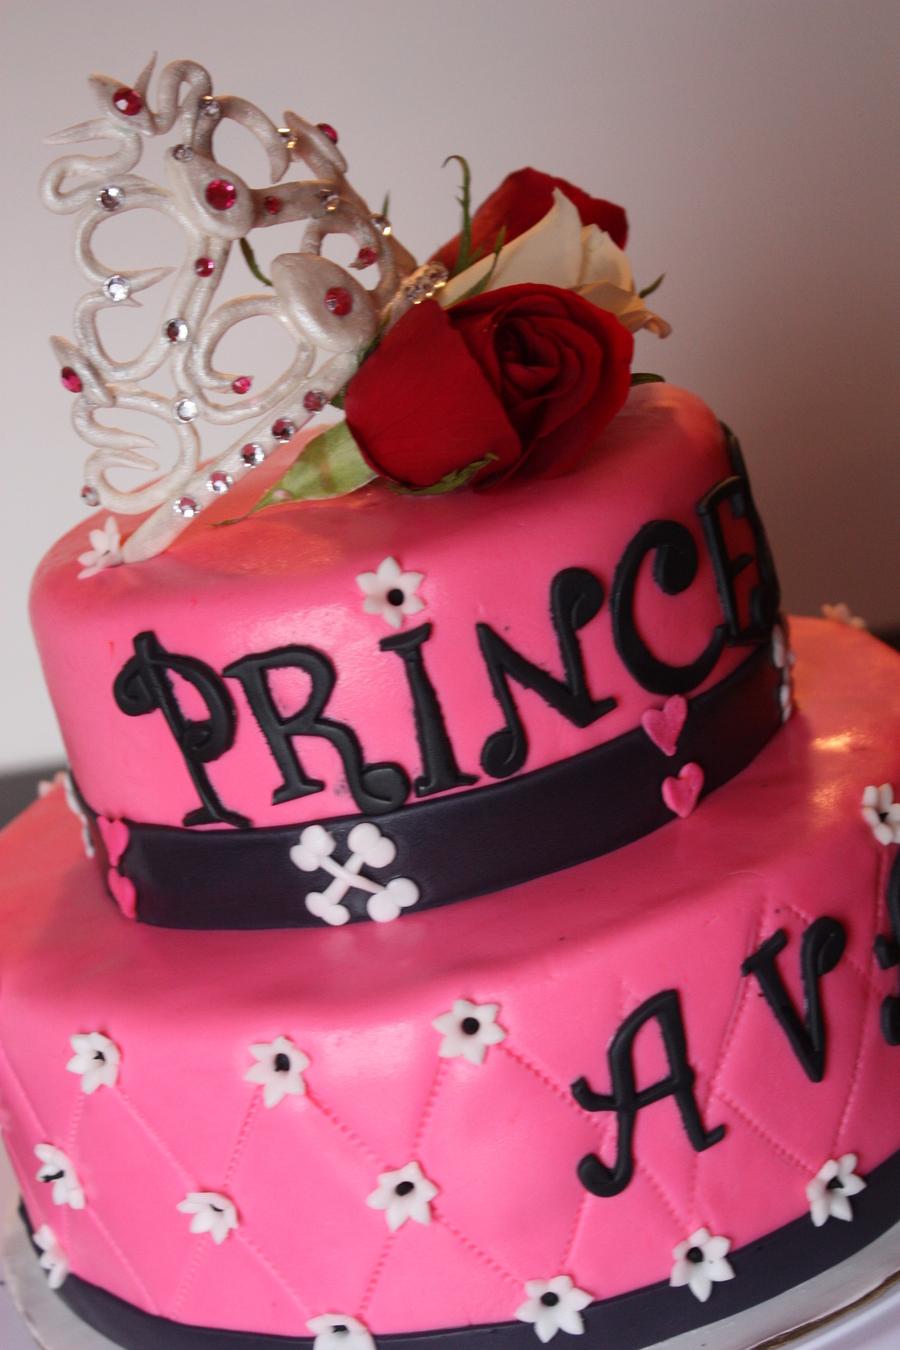 Punk Rock Princess Cake - CakeCentral.com